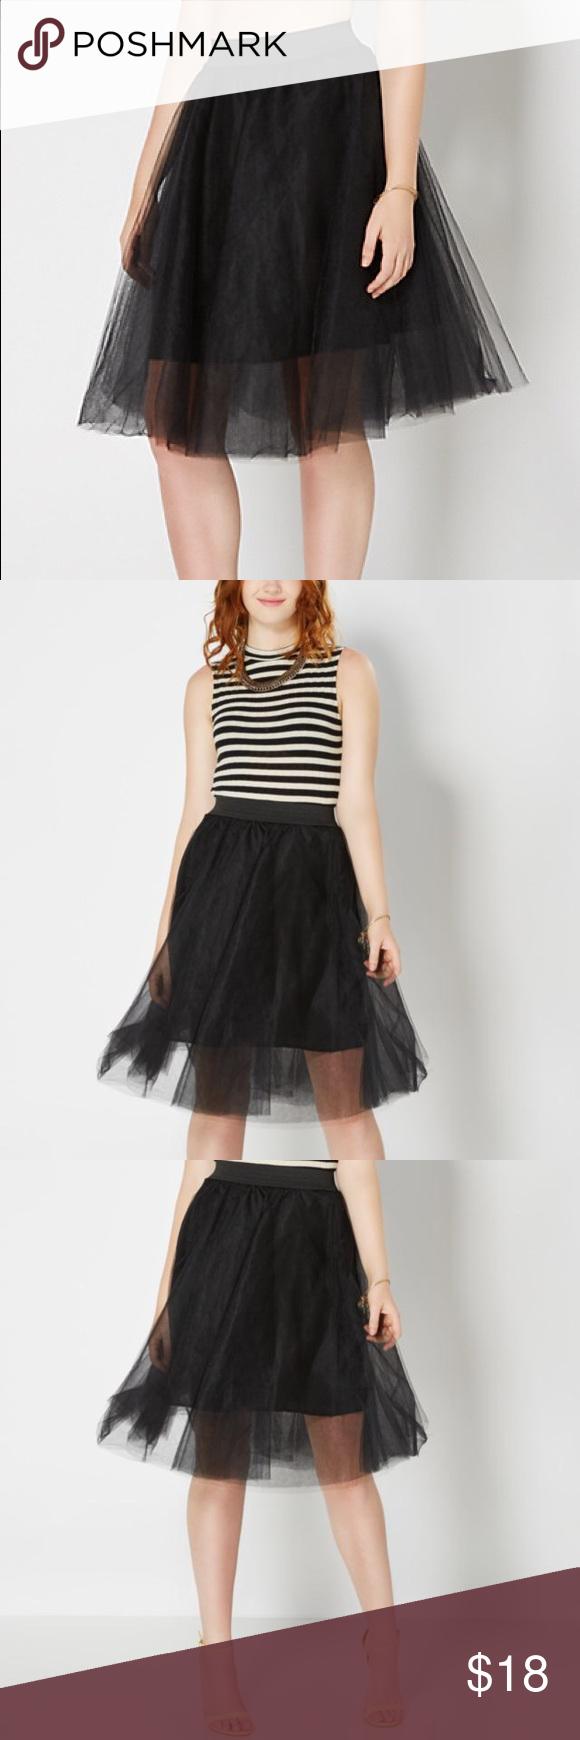 SALE Black tulle ballerina skirt Black tulle skirt with